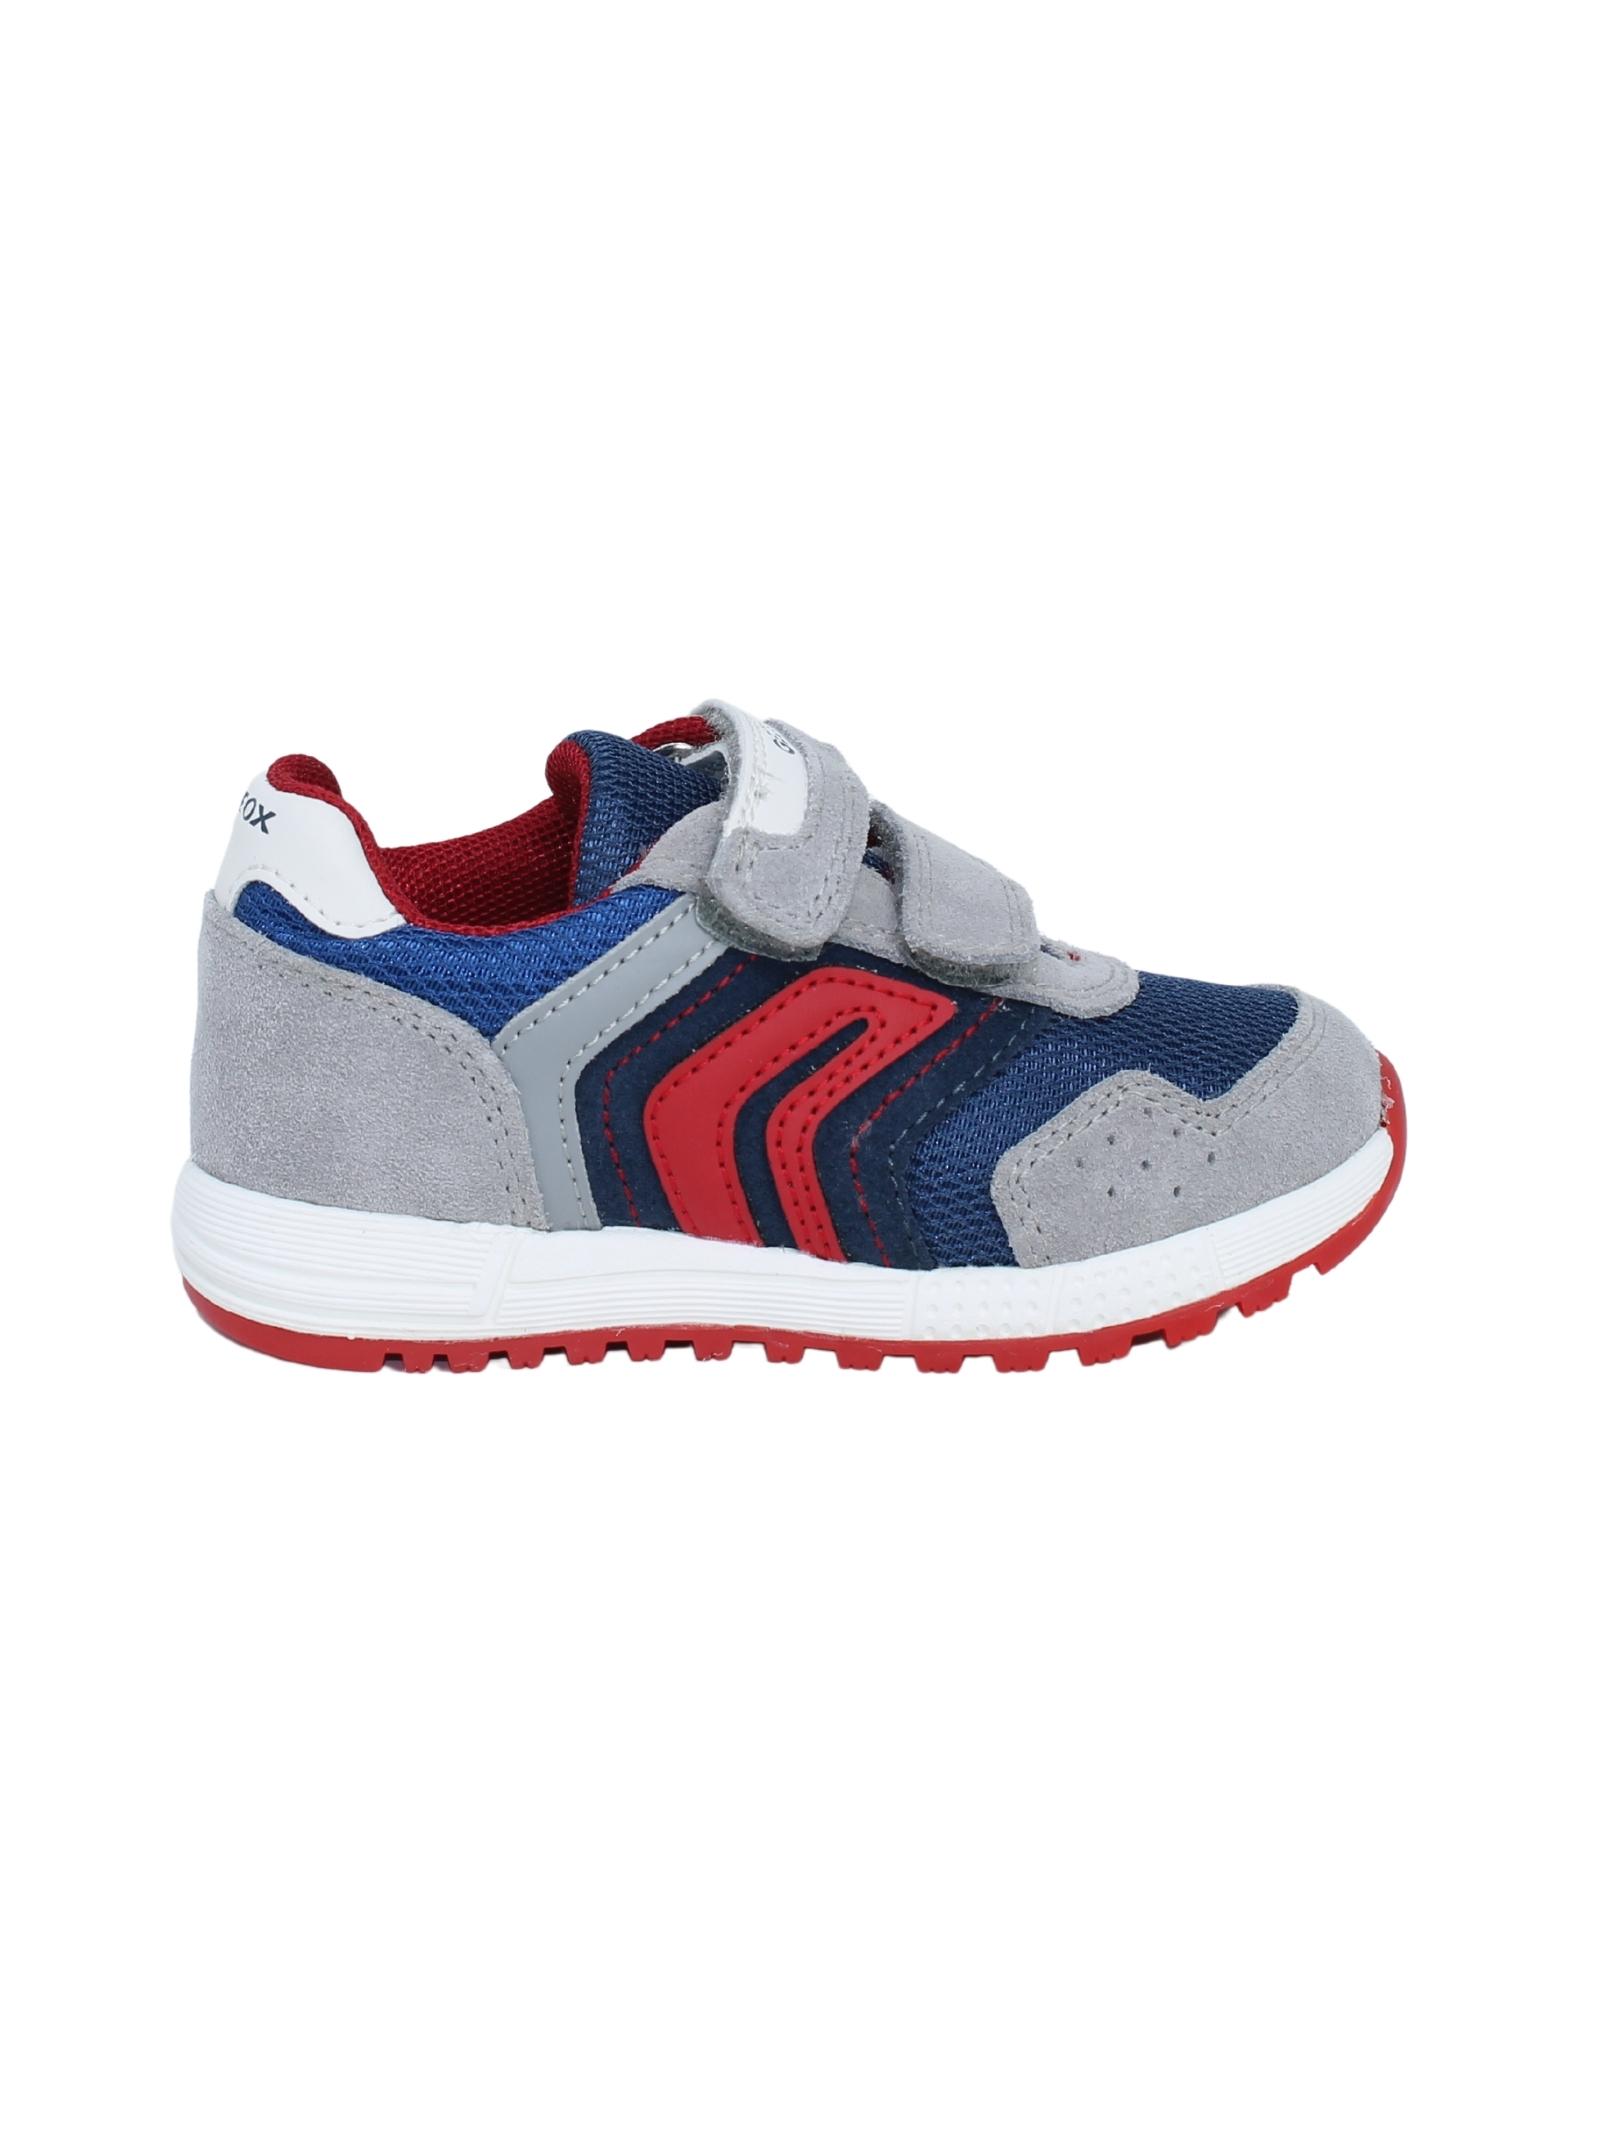 Sneakers Bambino Grey, GEOX KIDS | Sneakers | B043CD022FUC0493